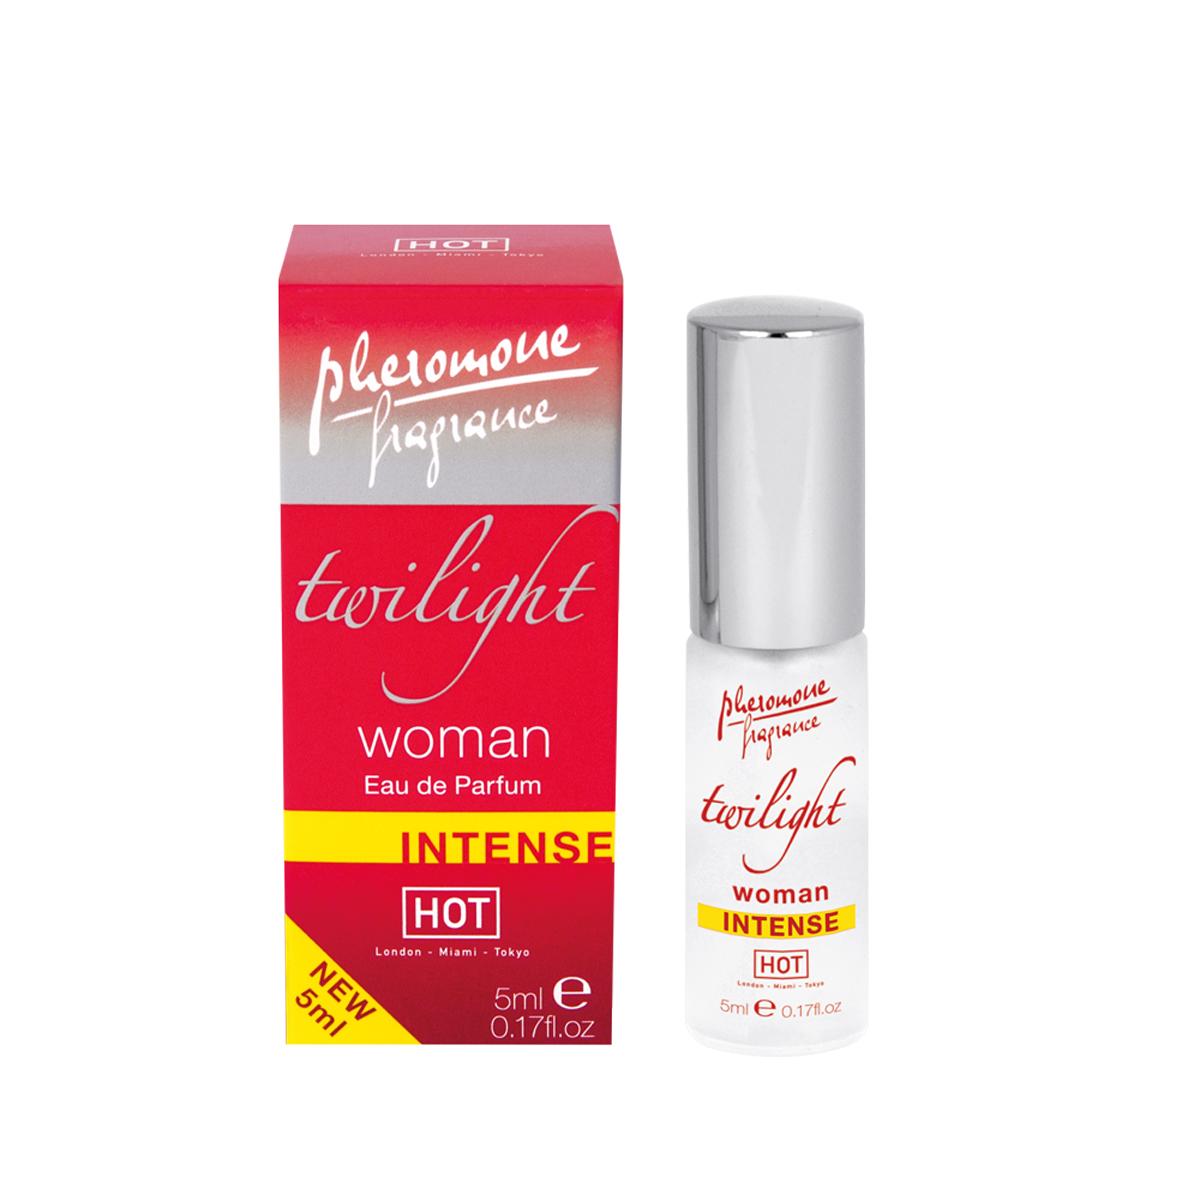 Hot Женские духи с феромонами Twilight Intense 5 мл55055Высококачественный парфюм, обогащенный феромонами. Этот аромат поразит желанную цель прямо в сердце!